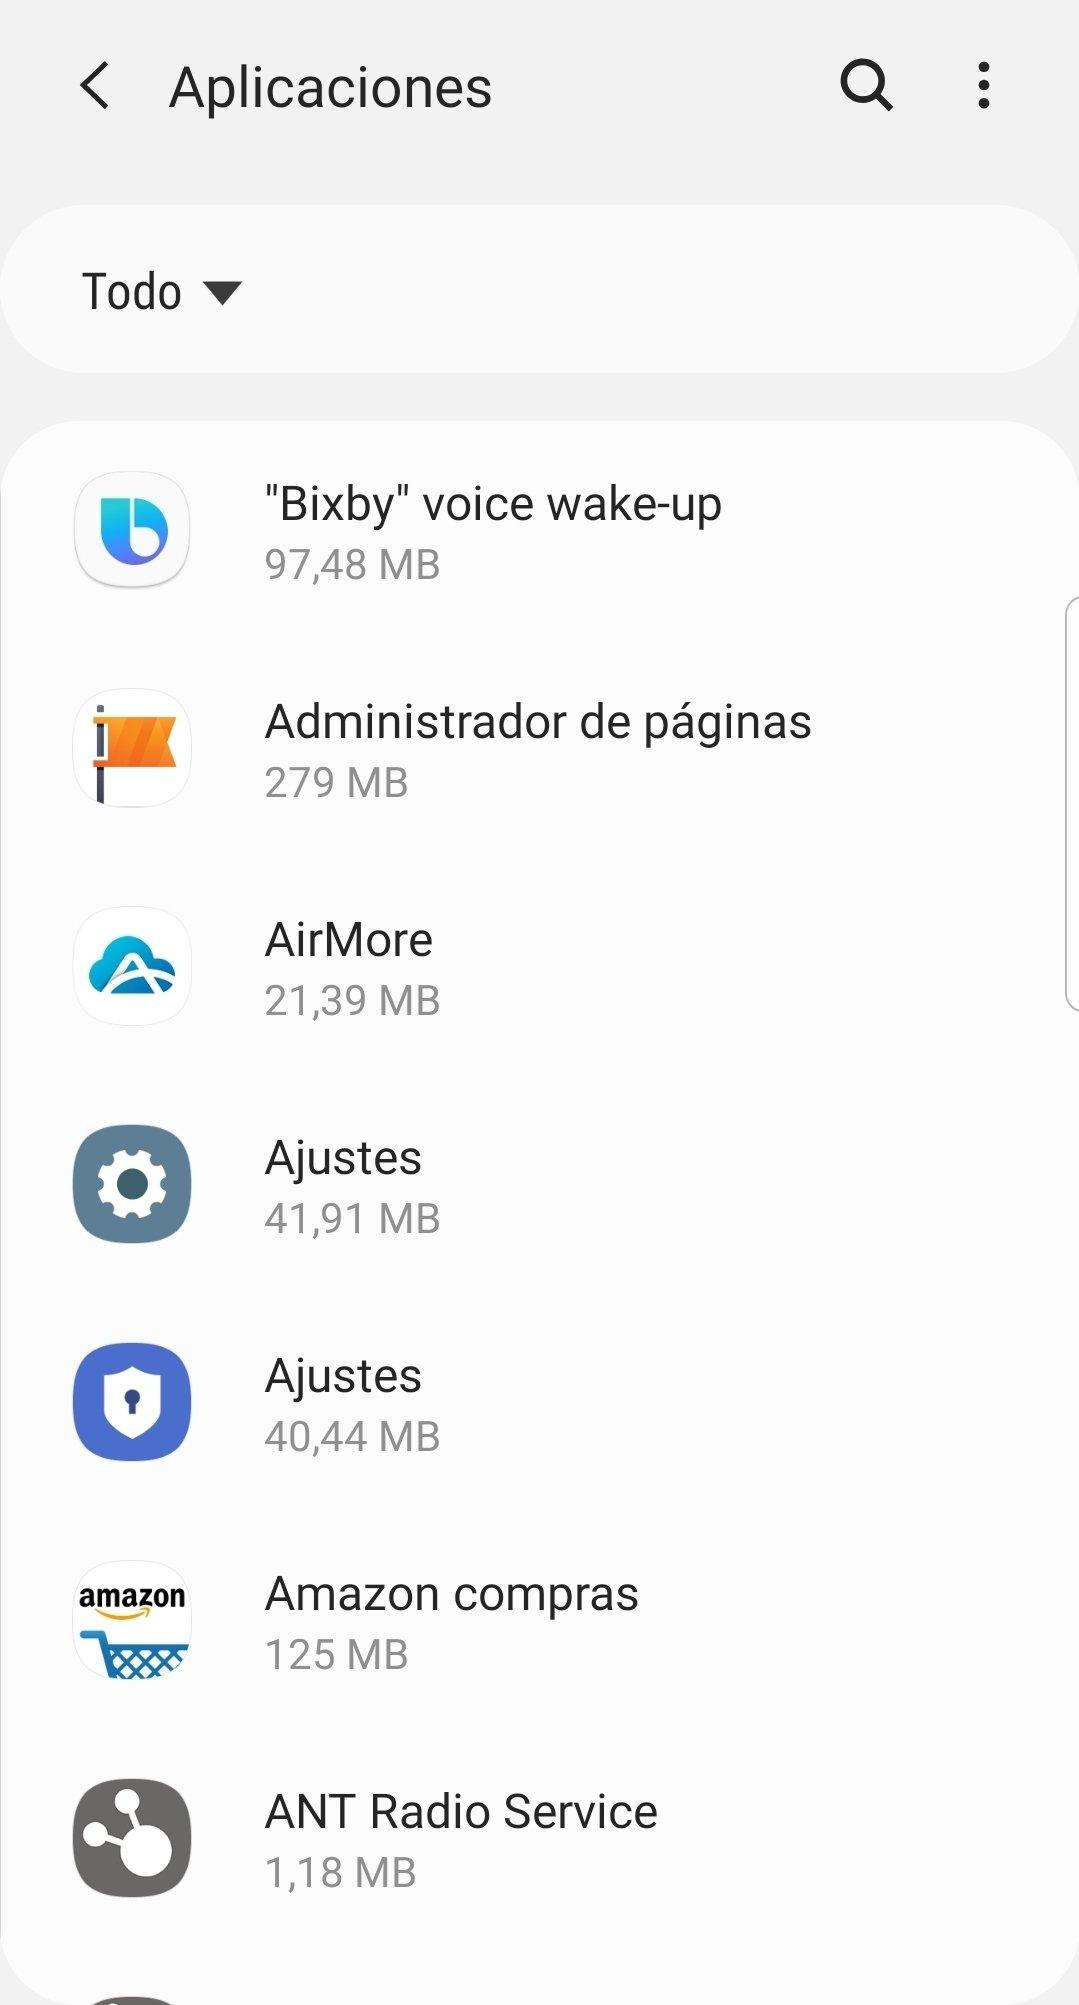 Menú de aplicaciones de Android